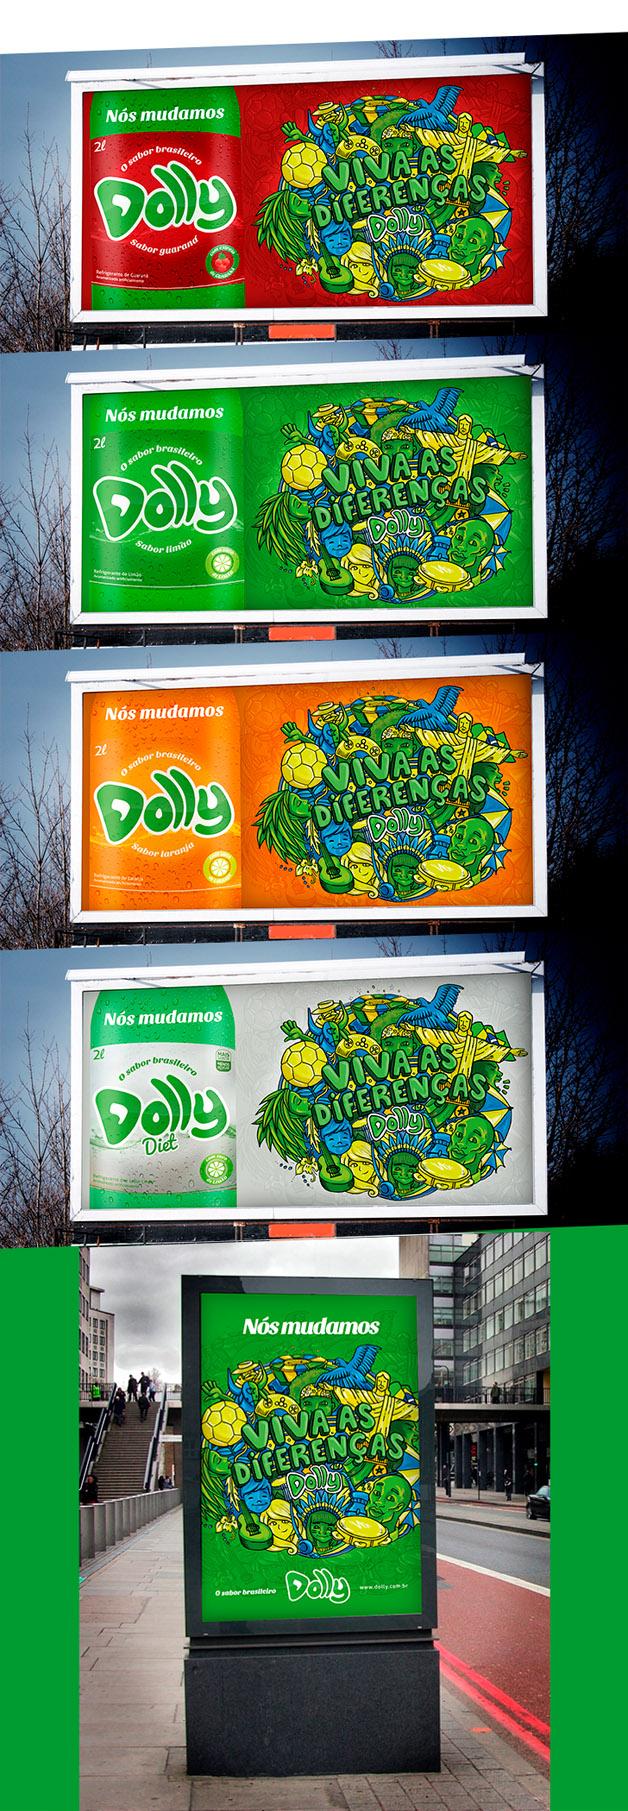 dolly-12